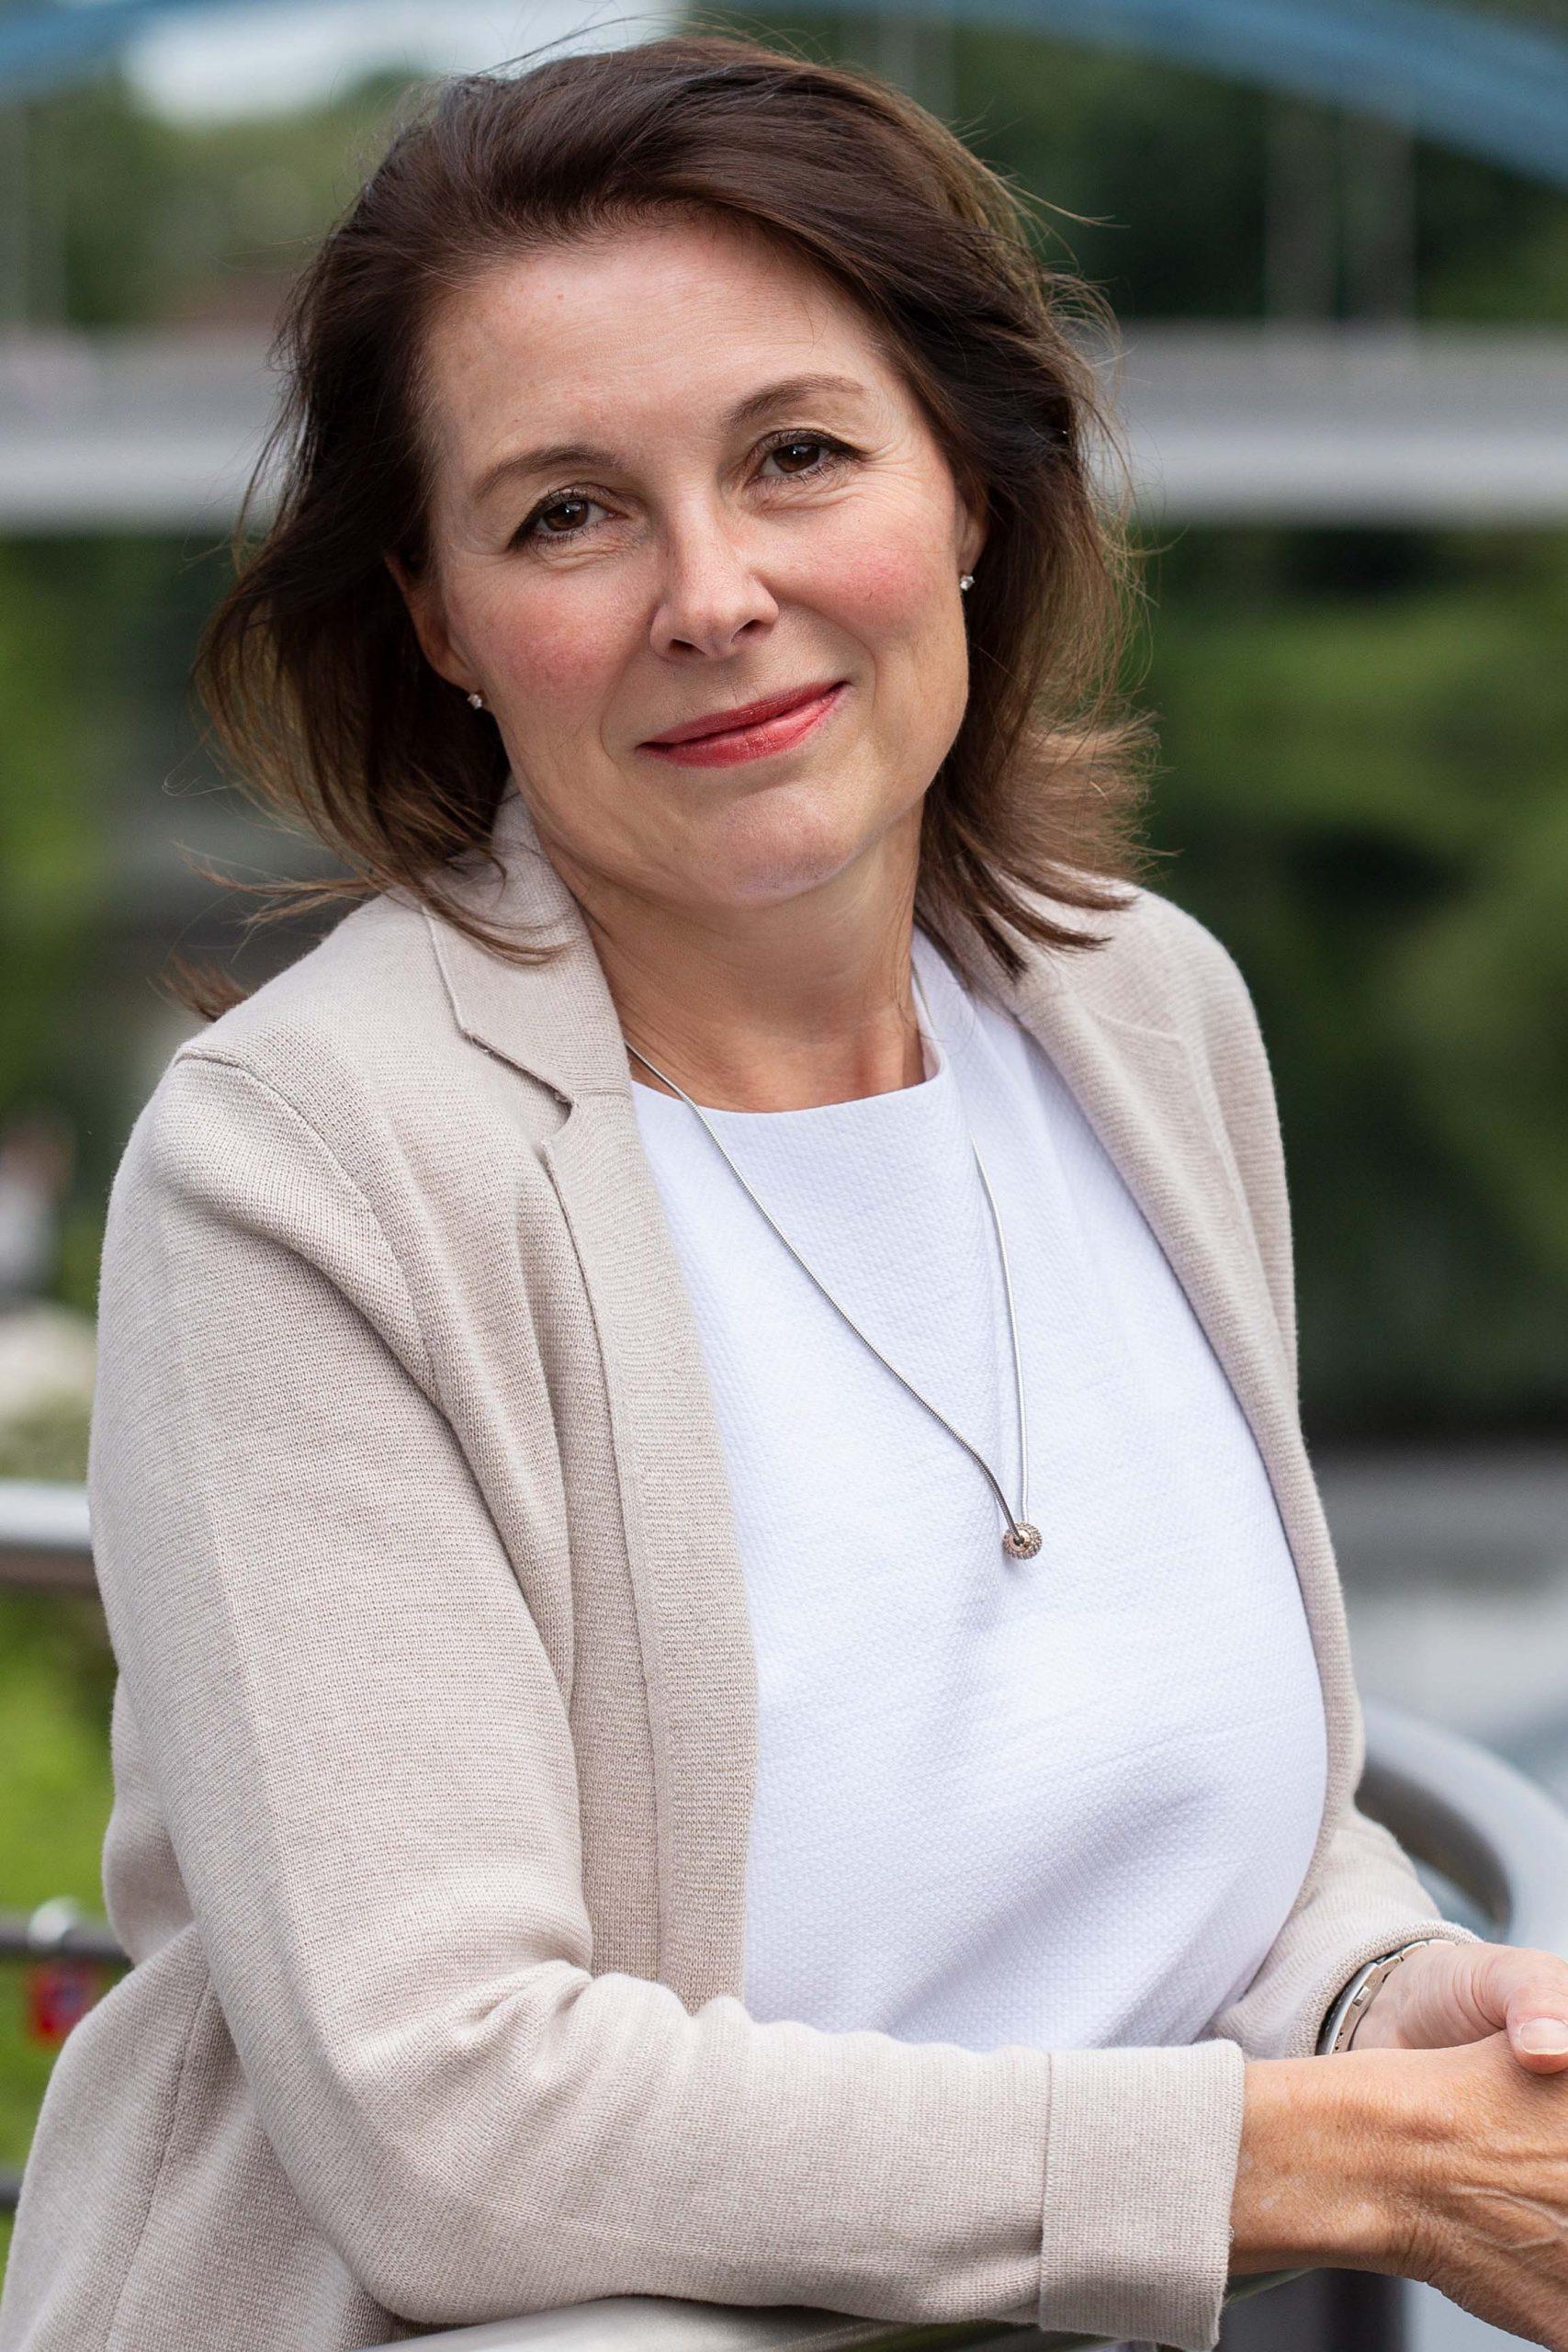 Gudrun Garbe